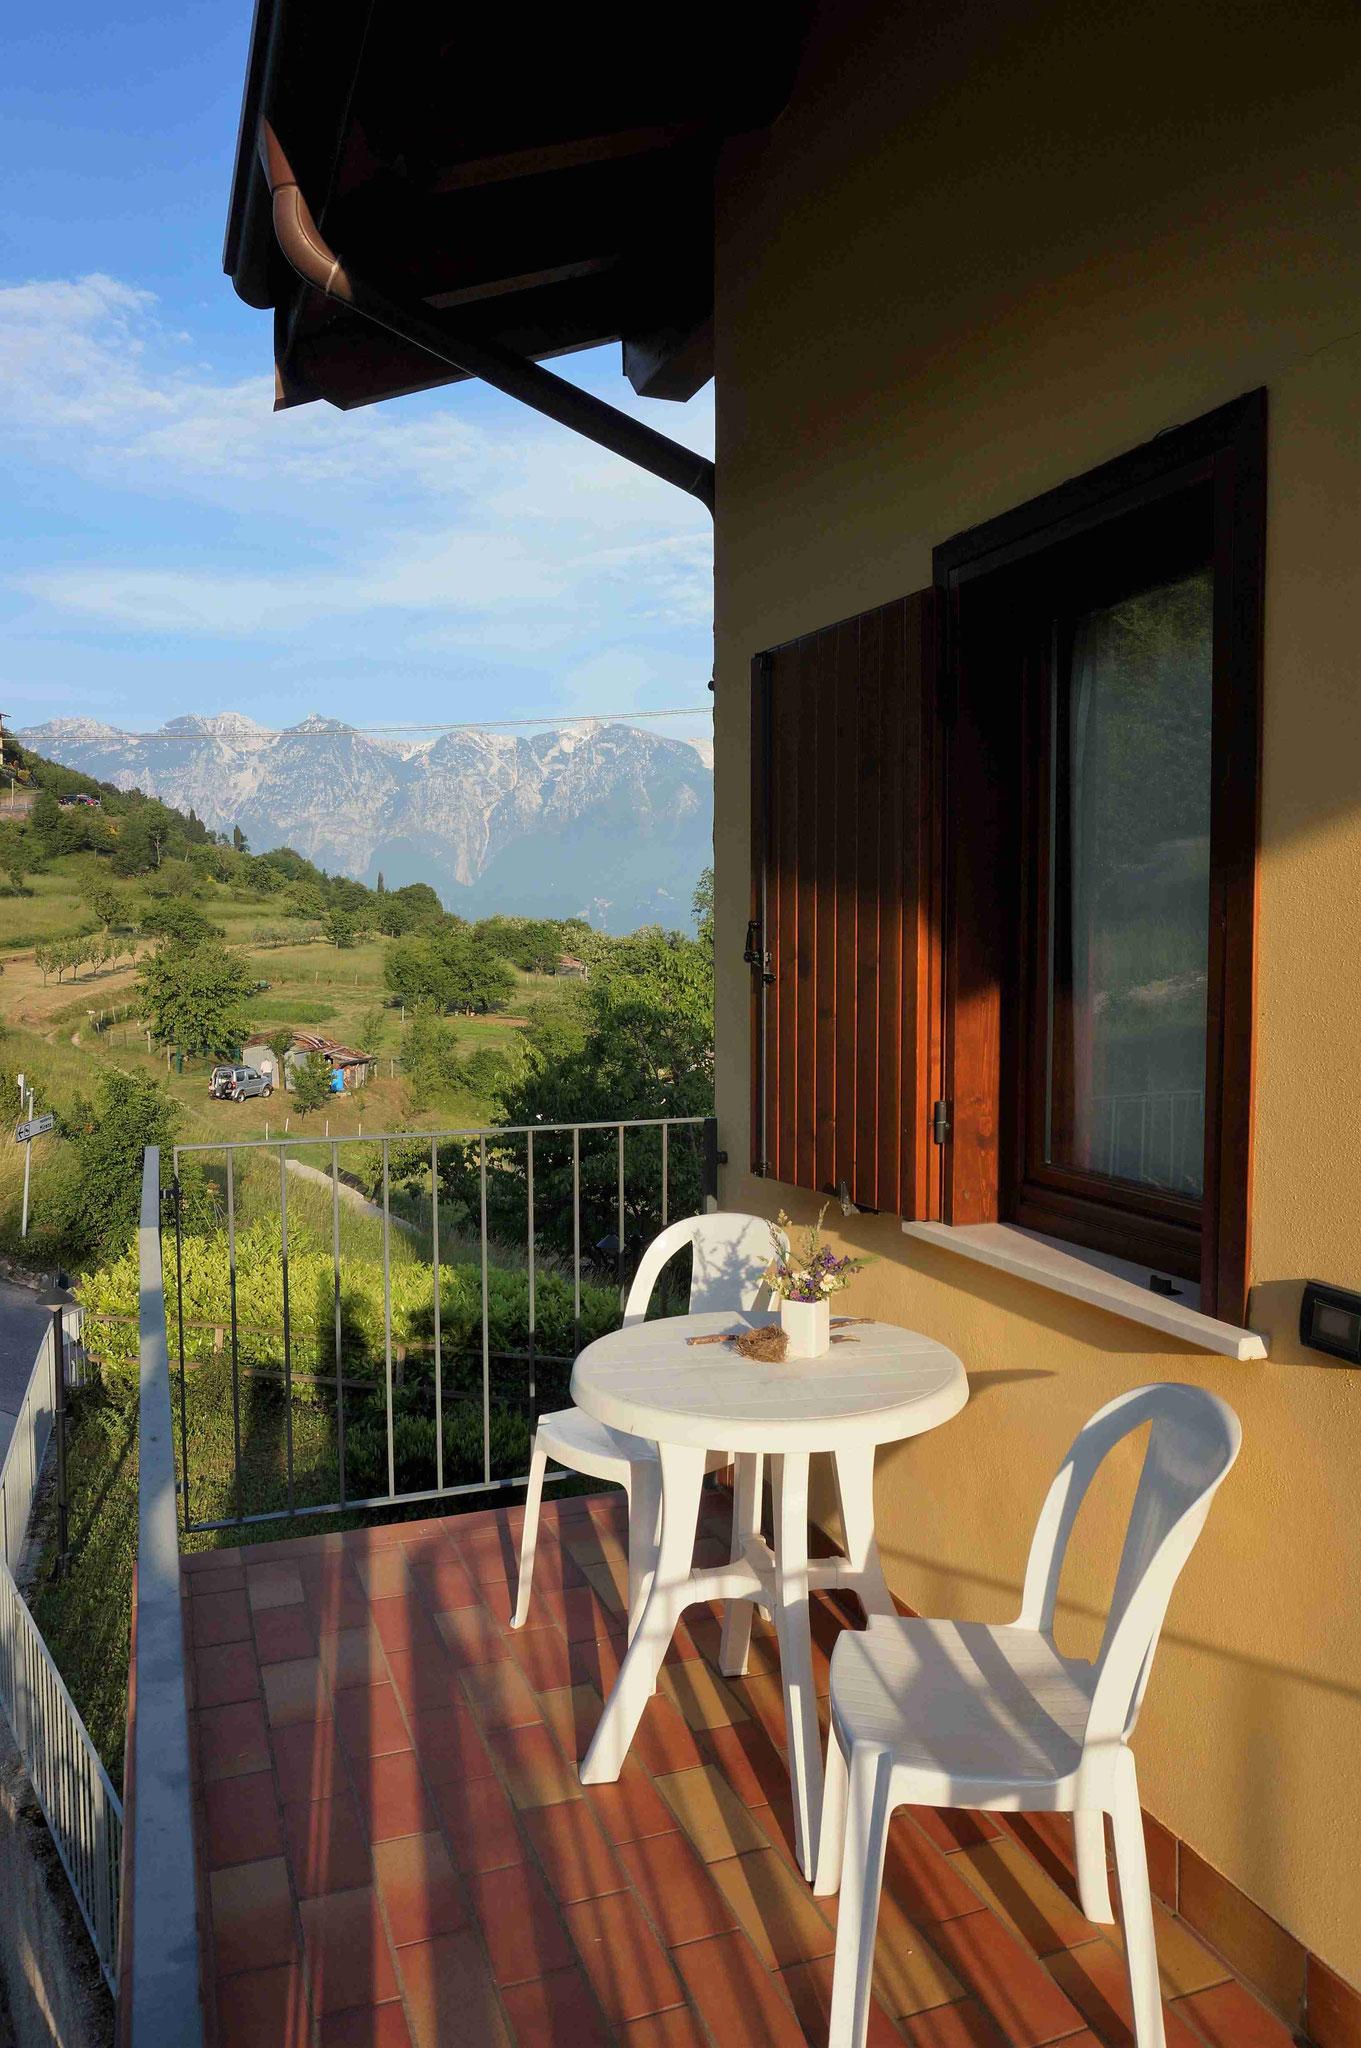 Appartement20 - hinterer Balkon mit Morgensonne und windstill